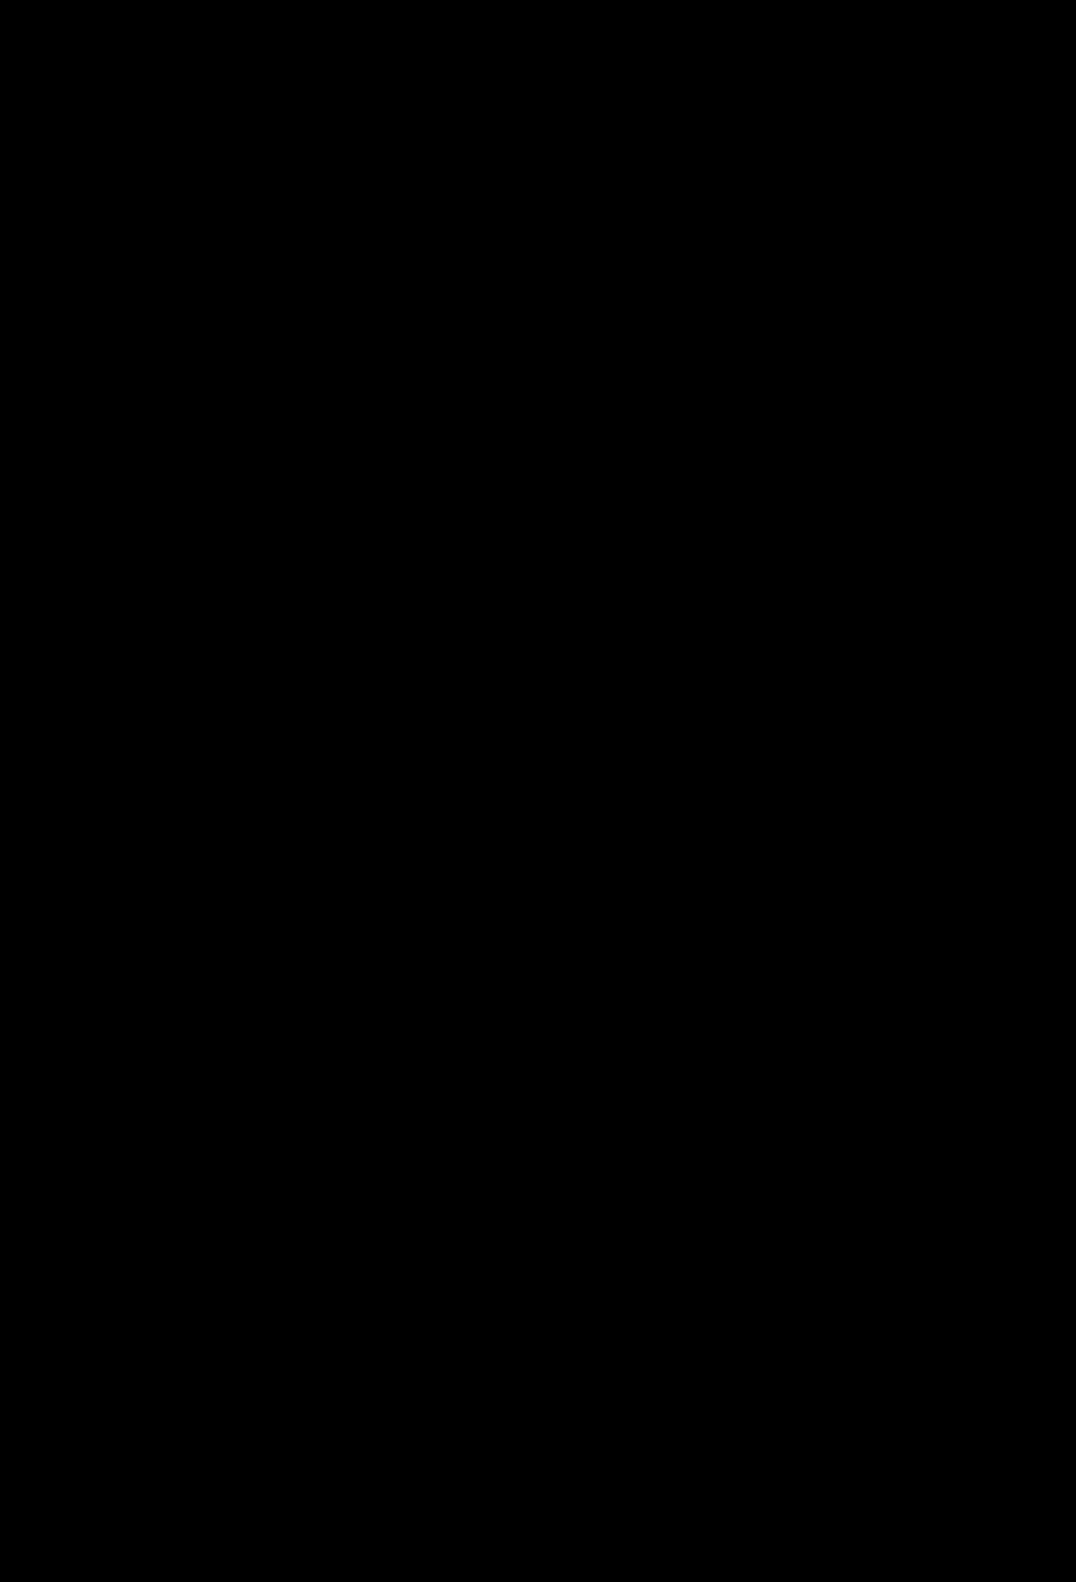 Silhouette Archer